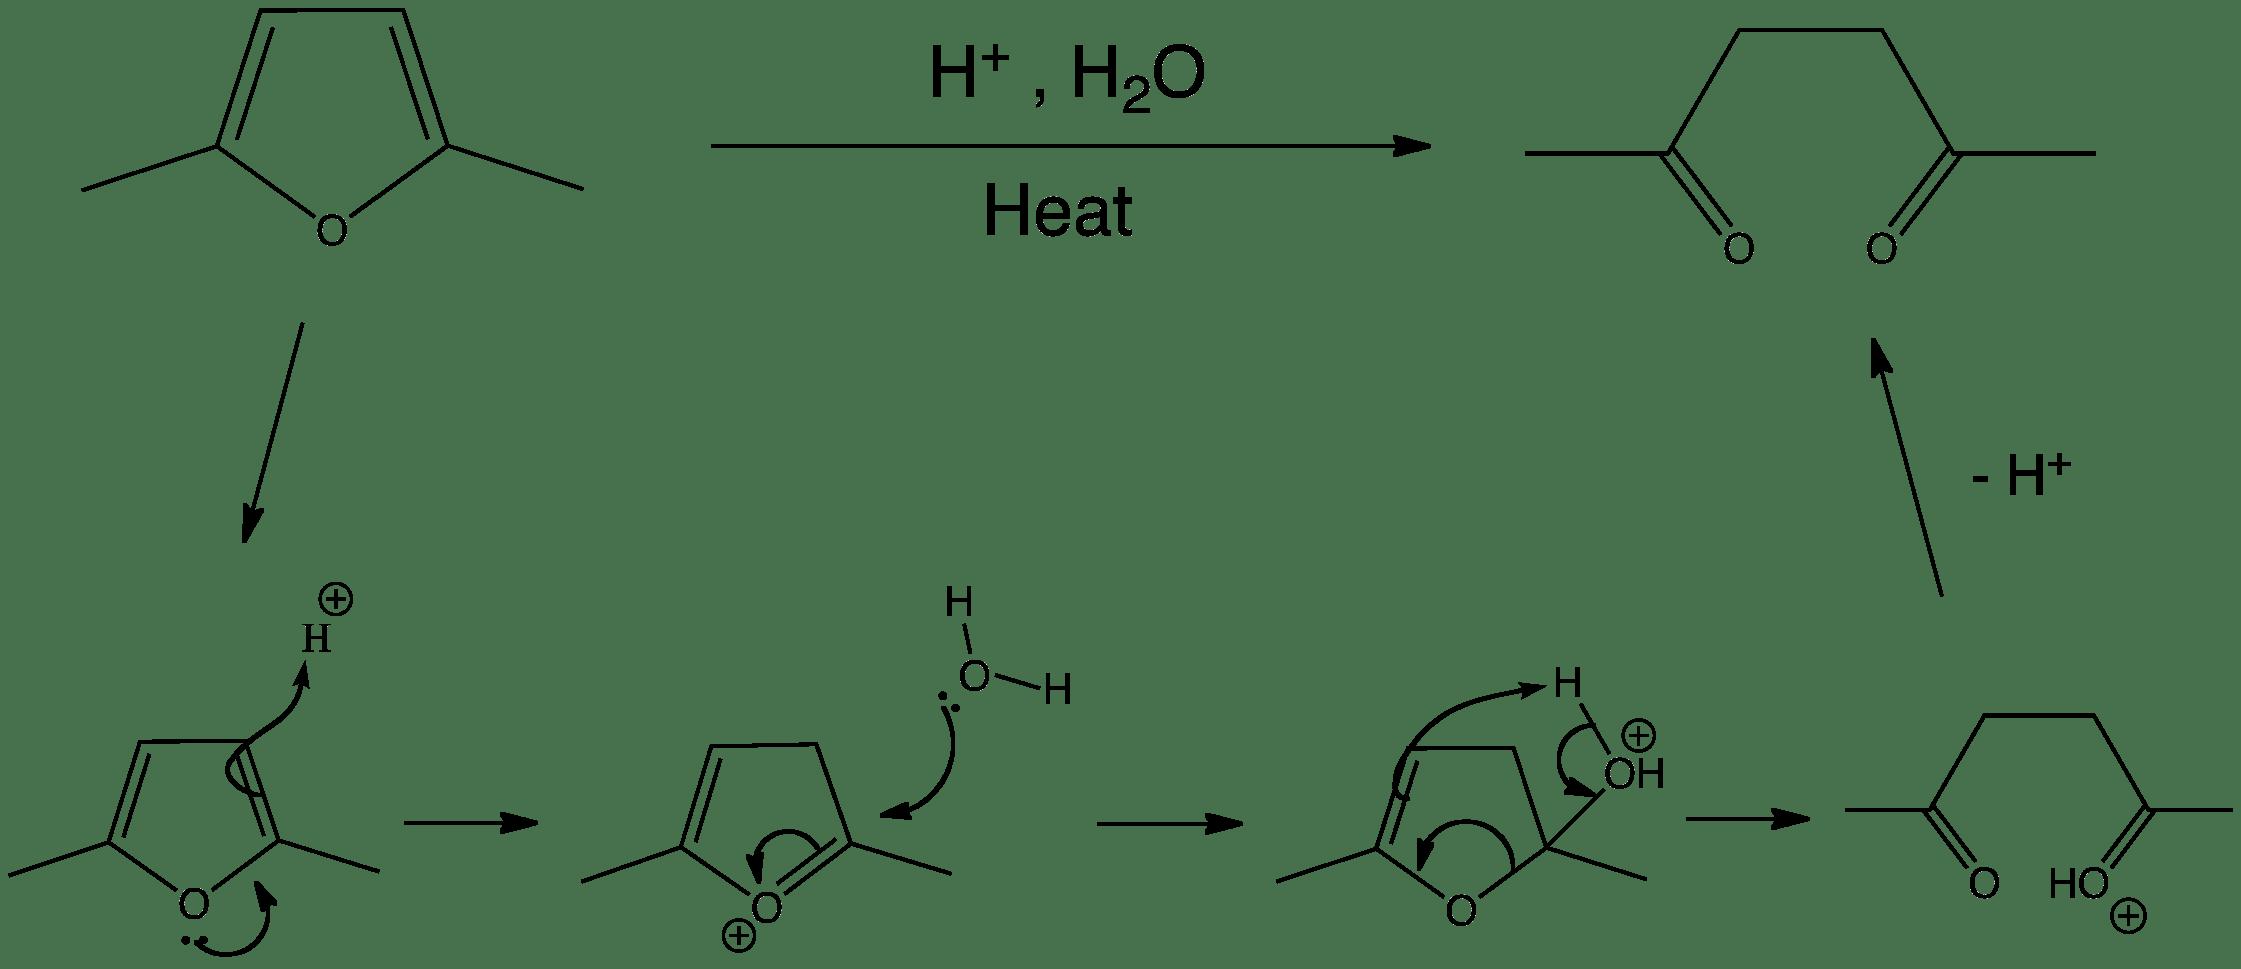 Furan Hydrolysis